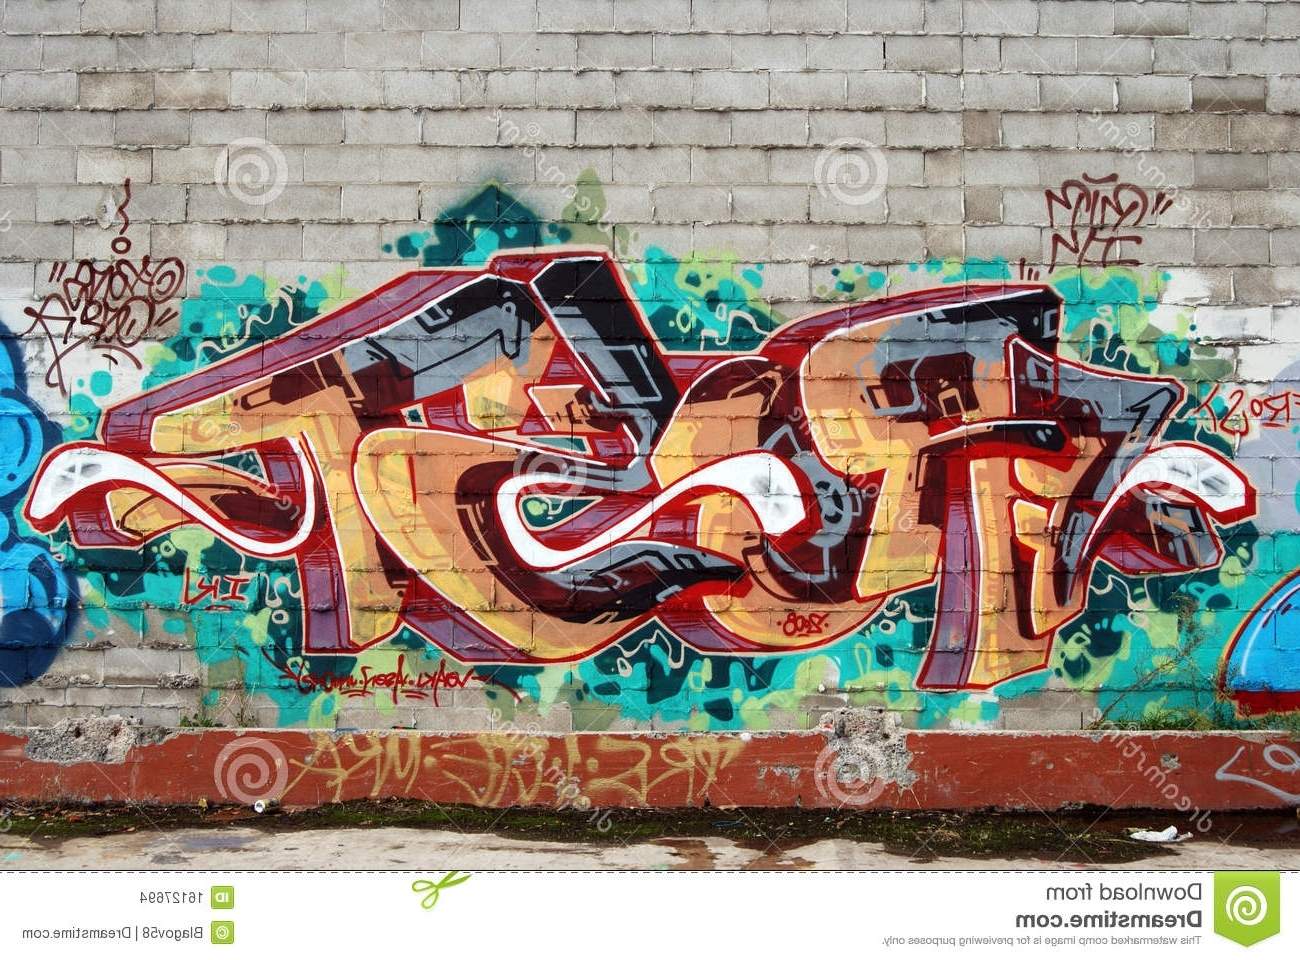 2017 Graffiti Wall Art Pertaining To A Wall Vandalized With Street Graffiti Art Stock Photo – Image Of (View 1 of 15)